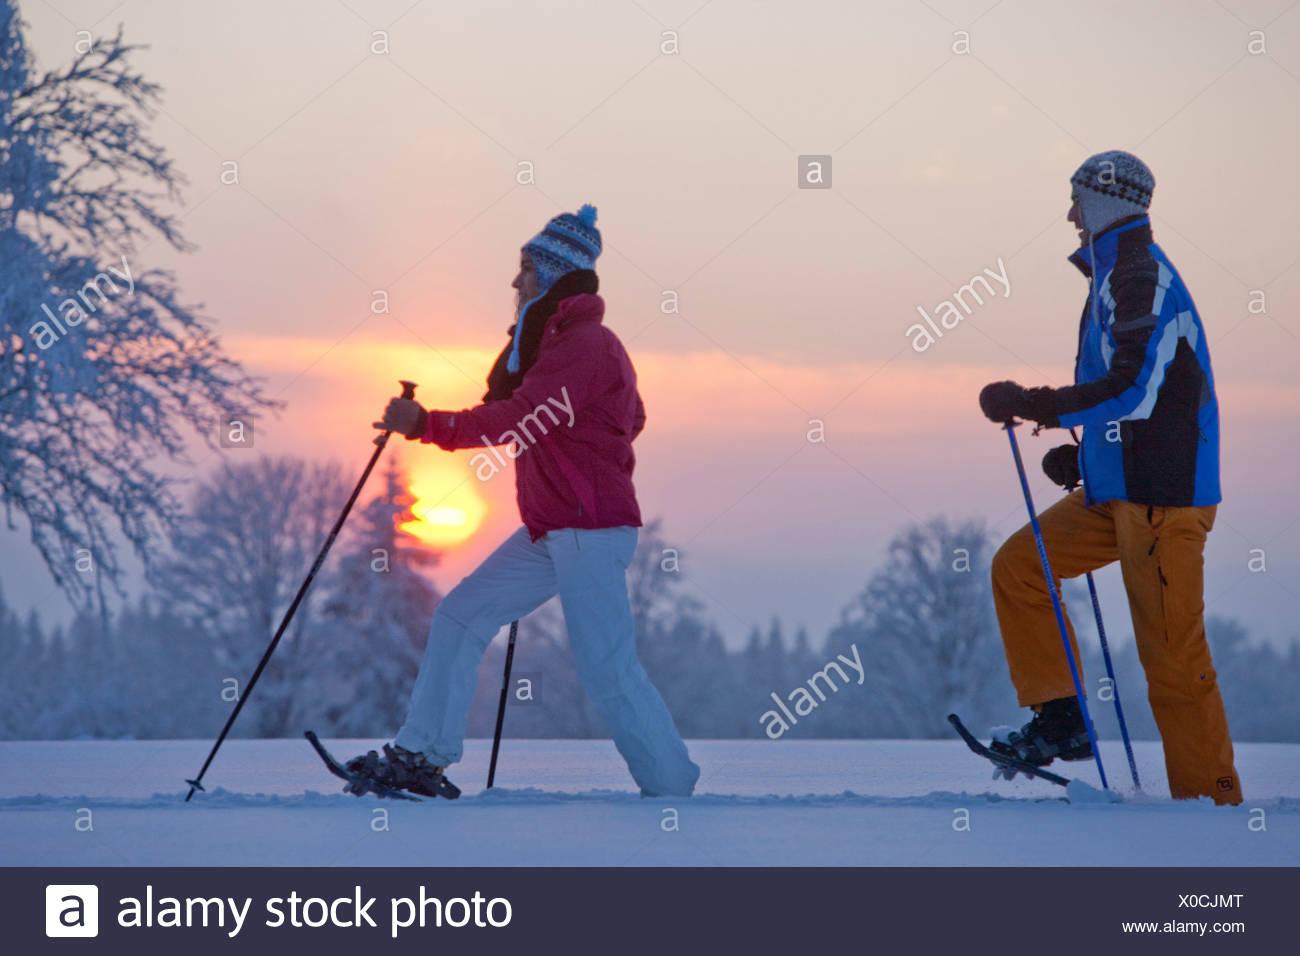 La Chaux de Breuleux, raquette, raquettes, balades, randonnées, Jura, canton, JU, chaussures de neige, neige, hiver, sports d'hiver, Switzerlan Photo Stock